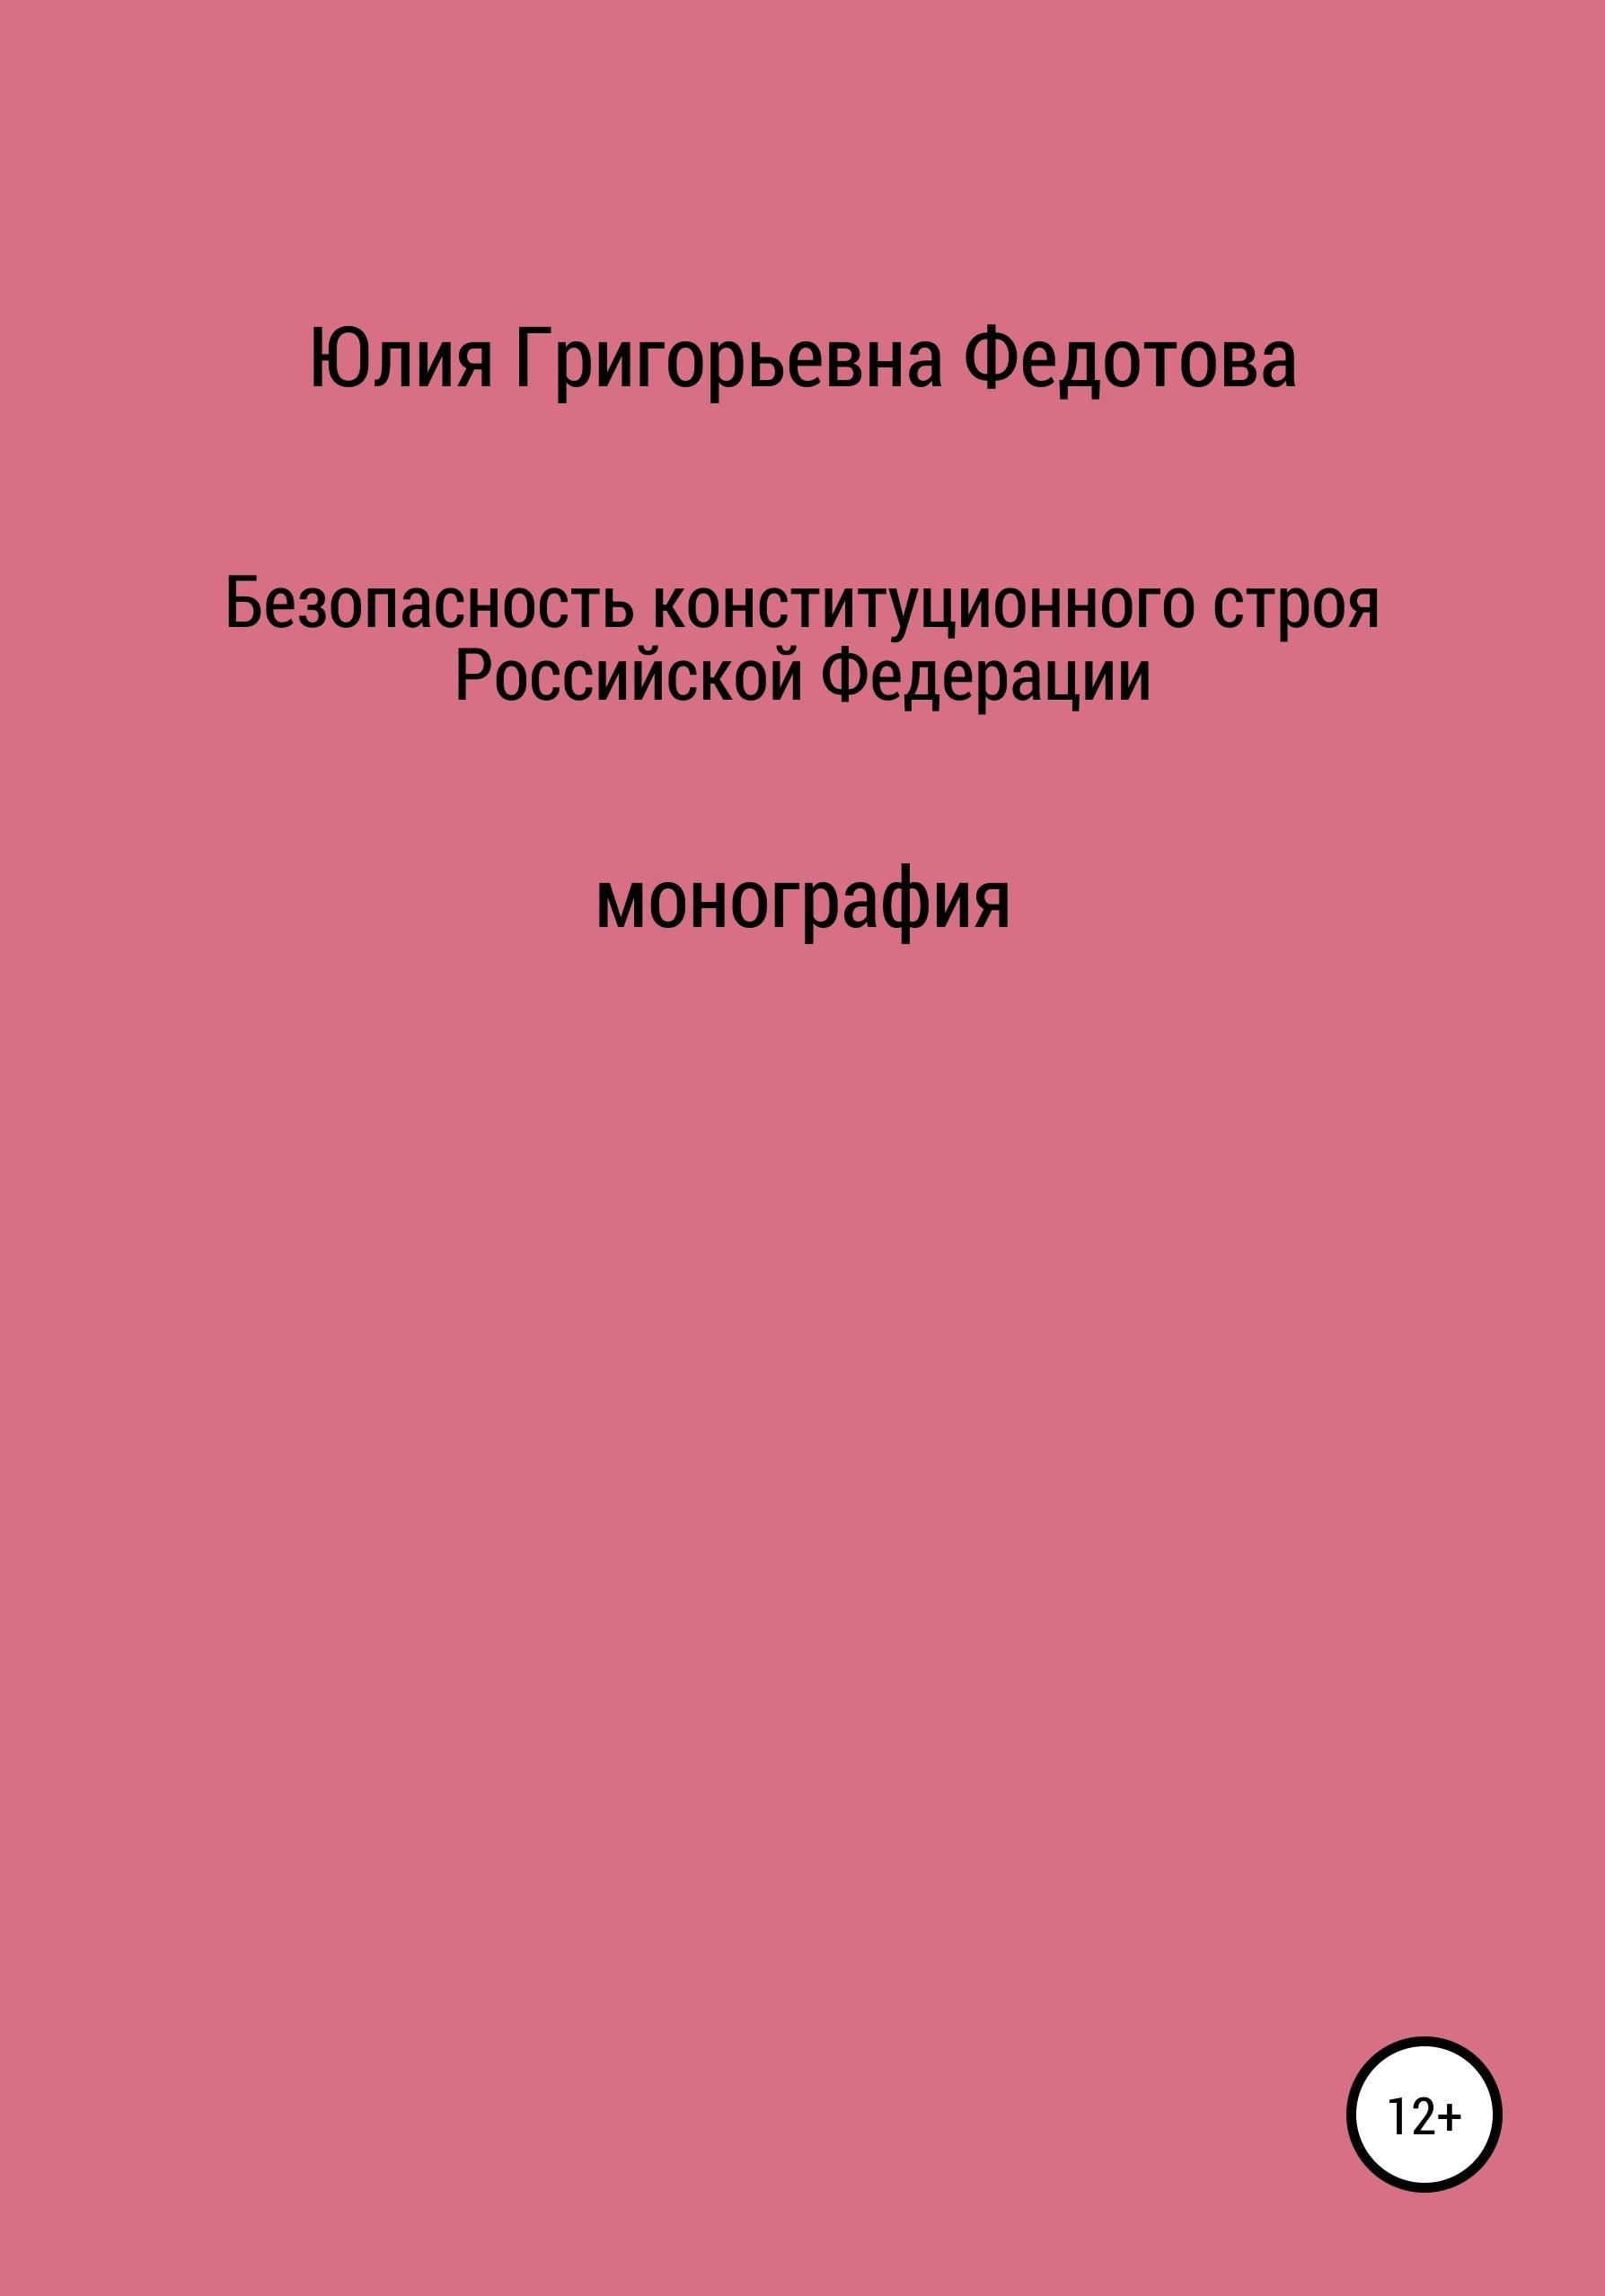 Юлия Григорьевна Федотова Безопасность конституционного строя Российской Федерации